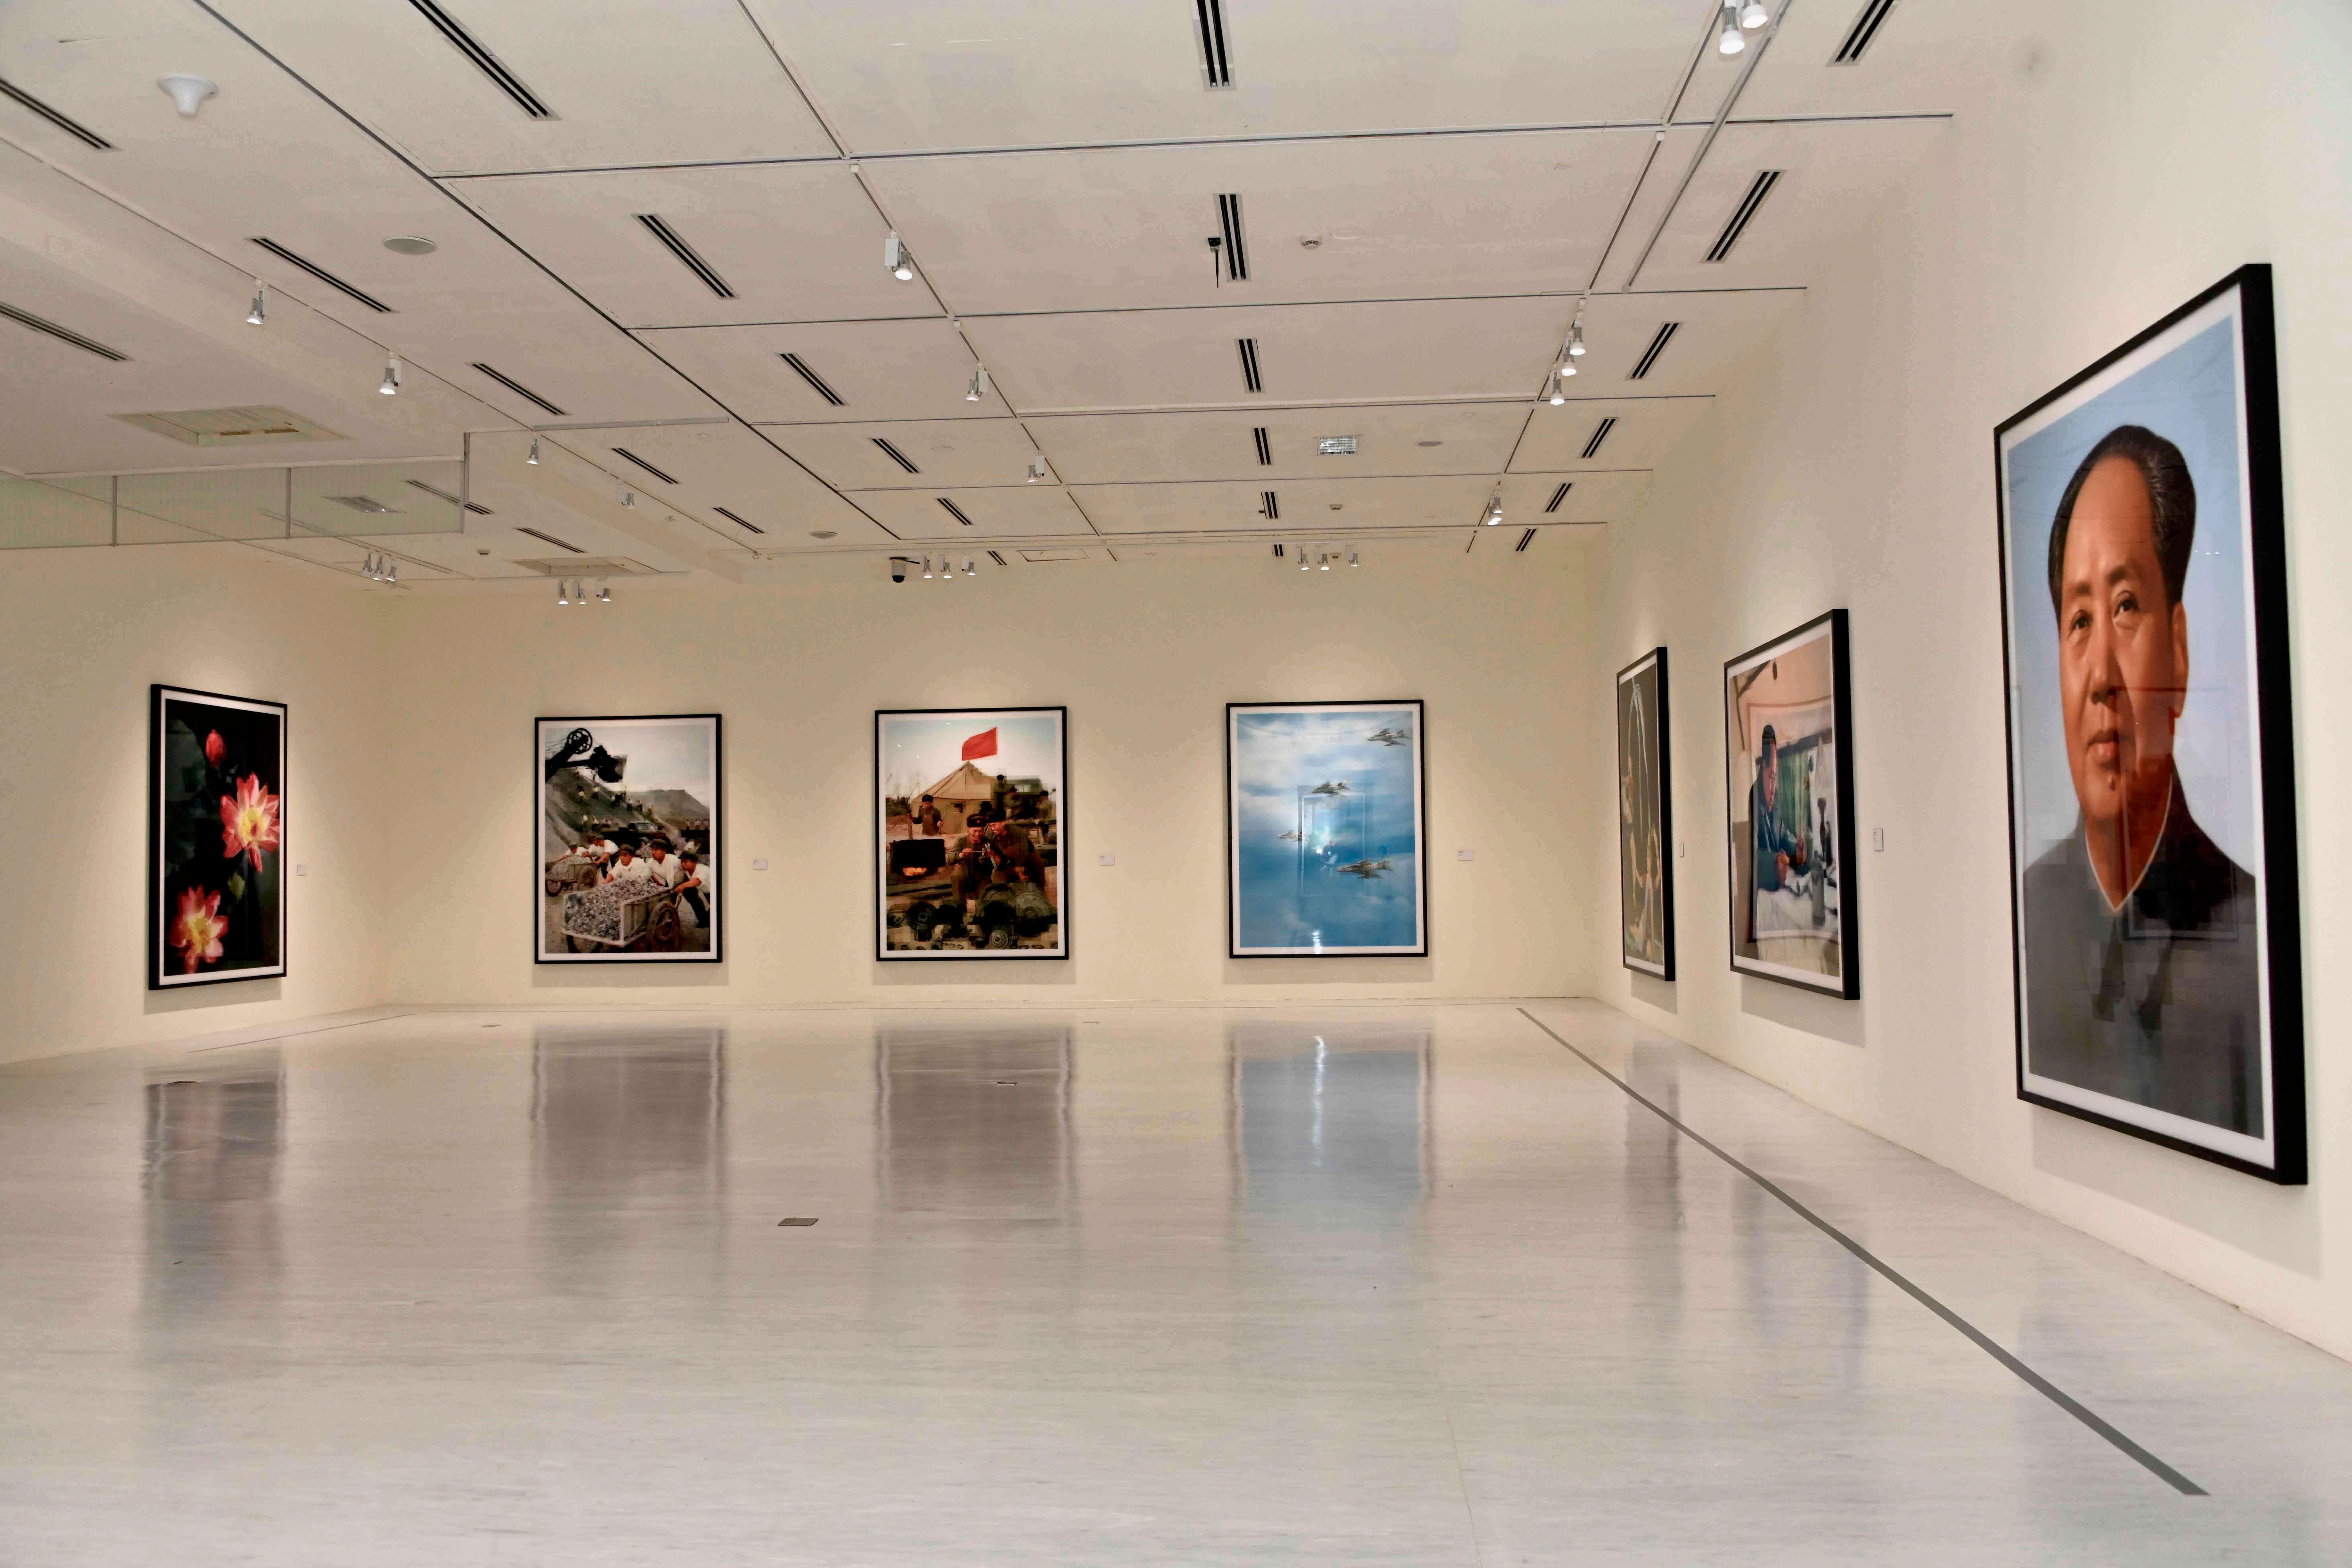 「影像之後—湯瑪斯.魯夫1989-2020攝影作品展」解構攝影媒介的既有觀念